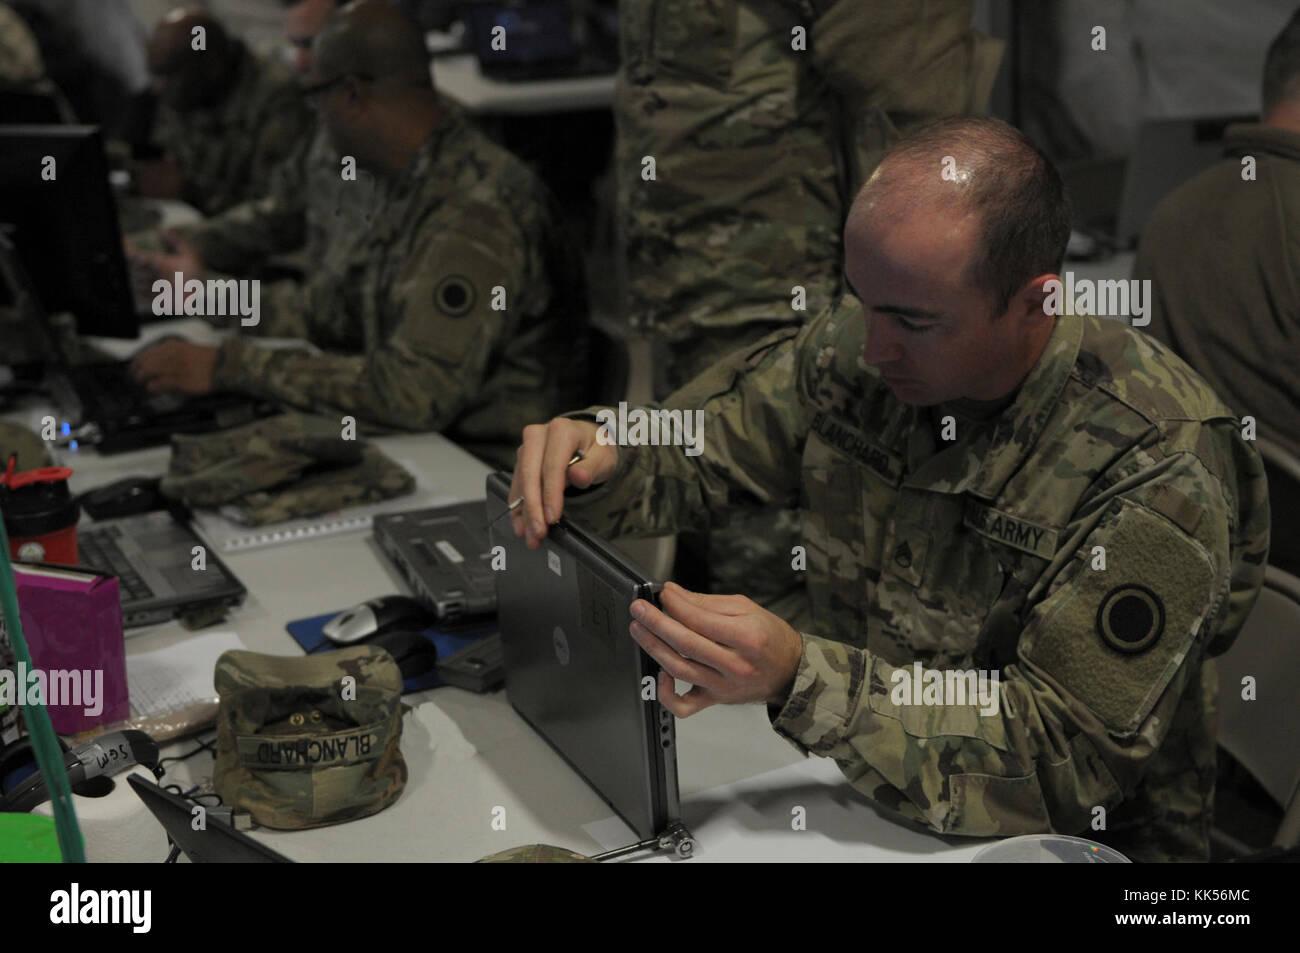 El Sargento. Joshua Blanchard, sistemas de transmisión multicanal operador mantenedor, de primer cuerpo de inteligencia de señal Logística Empresa, realiza labores de mantenimiento en un equipo para obtener el dispositivo en la red durante un ejercicio Warfighter WFX (18-2) en el campamento de Hovey, Corea del Sur el 11 Nov, 2017. Equipos individuales debe estar funcionando correctamente sin problemas a los soldados a completar su misión durante WFX 18-2 y misiones del mundo real. Foto de stock